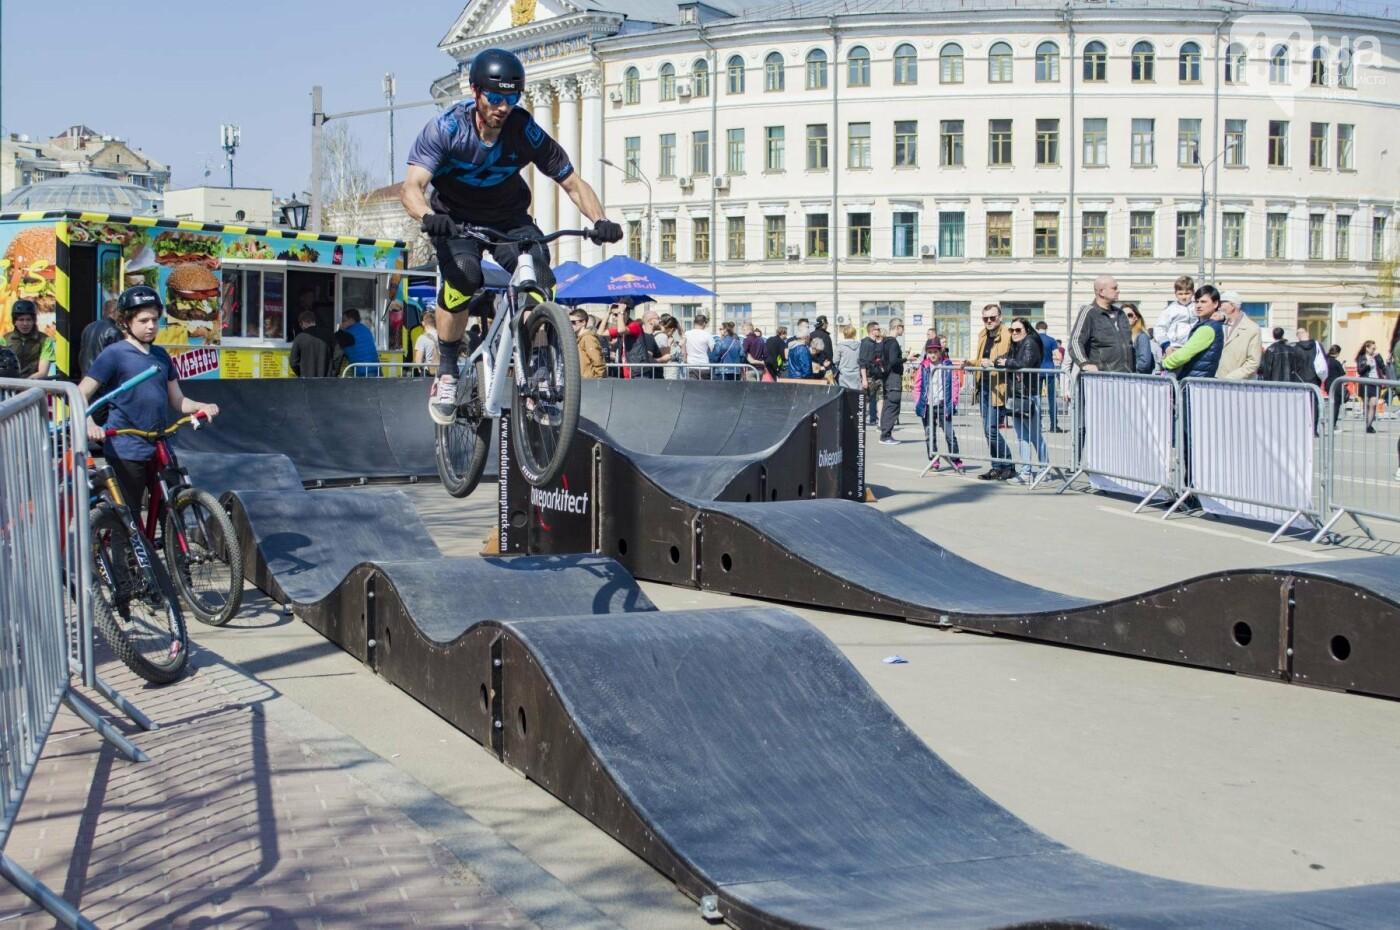 Мотогонки, автошоу патрульных и мощный дрифт: на Подоле проходит масштабный фестиваль драйва, фото-22